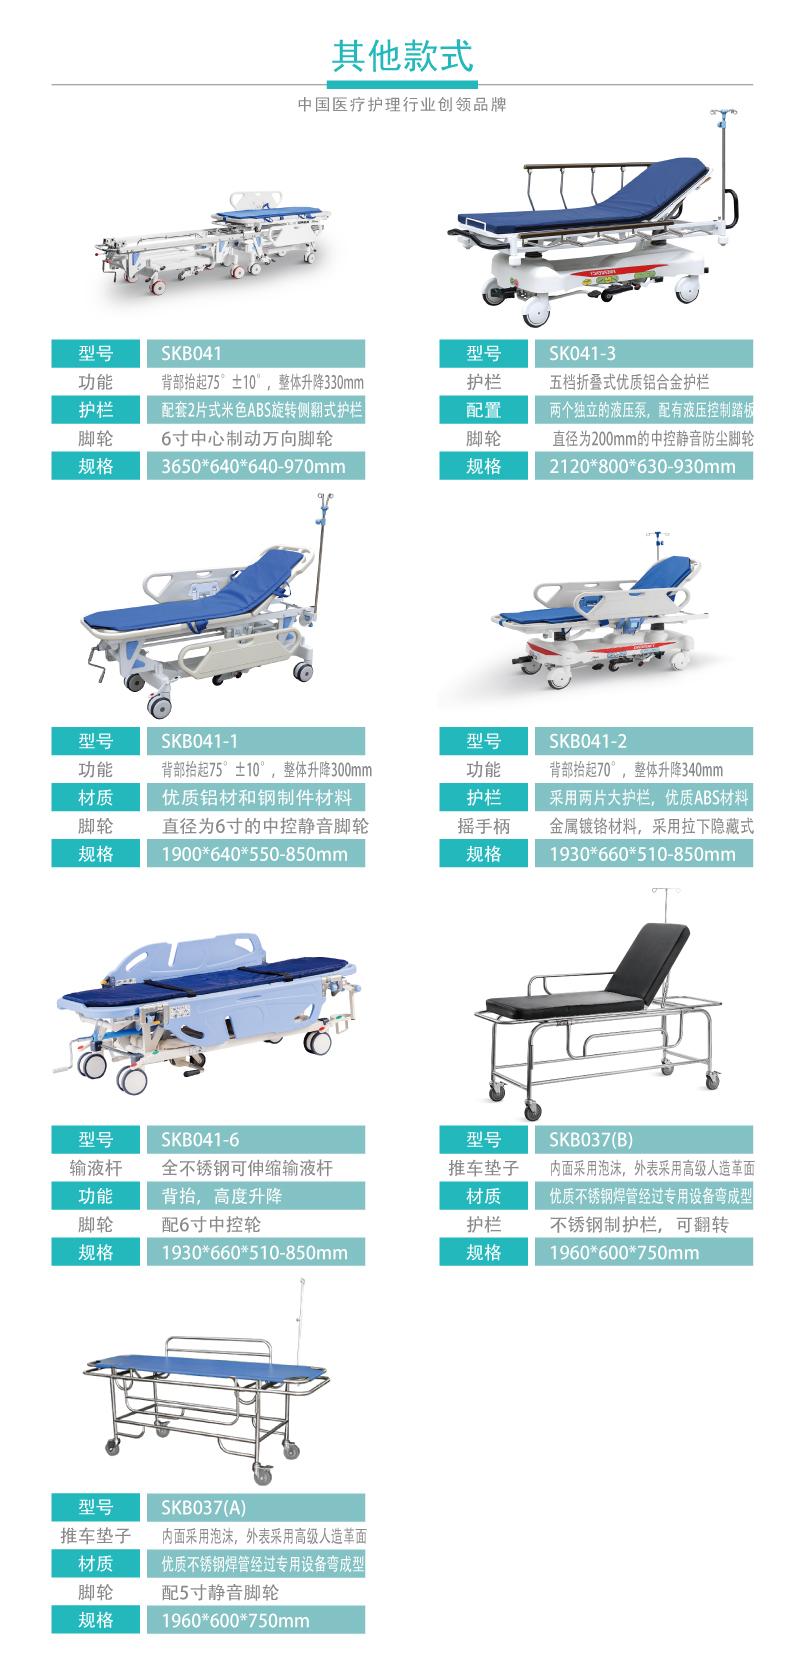 SKB041-1 可水平升降手术推车 手术转运车137063812